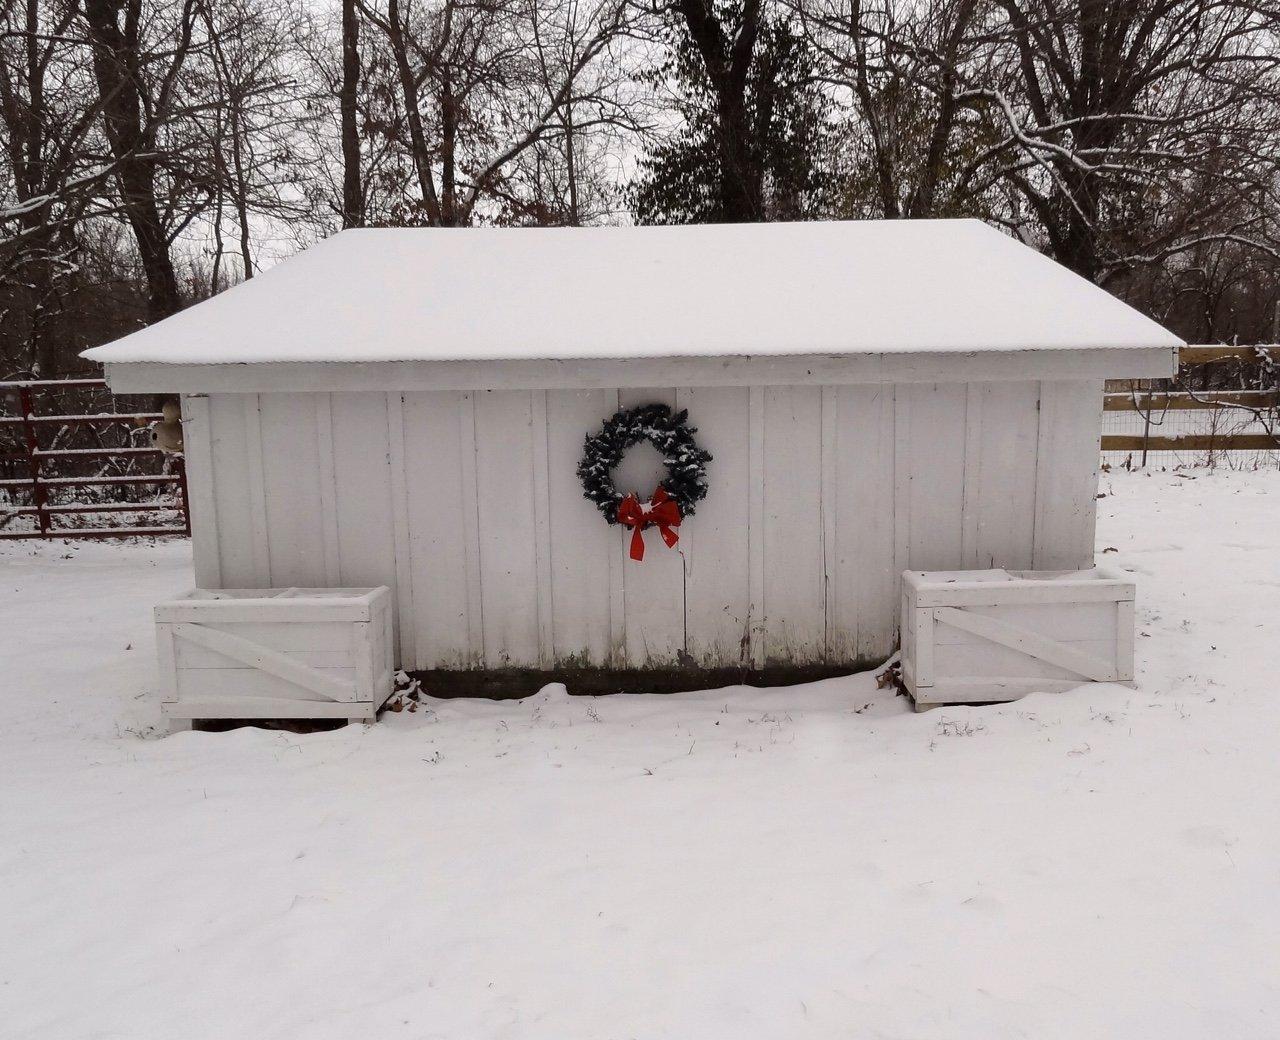 My chicken coop in the depth of winter snow